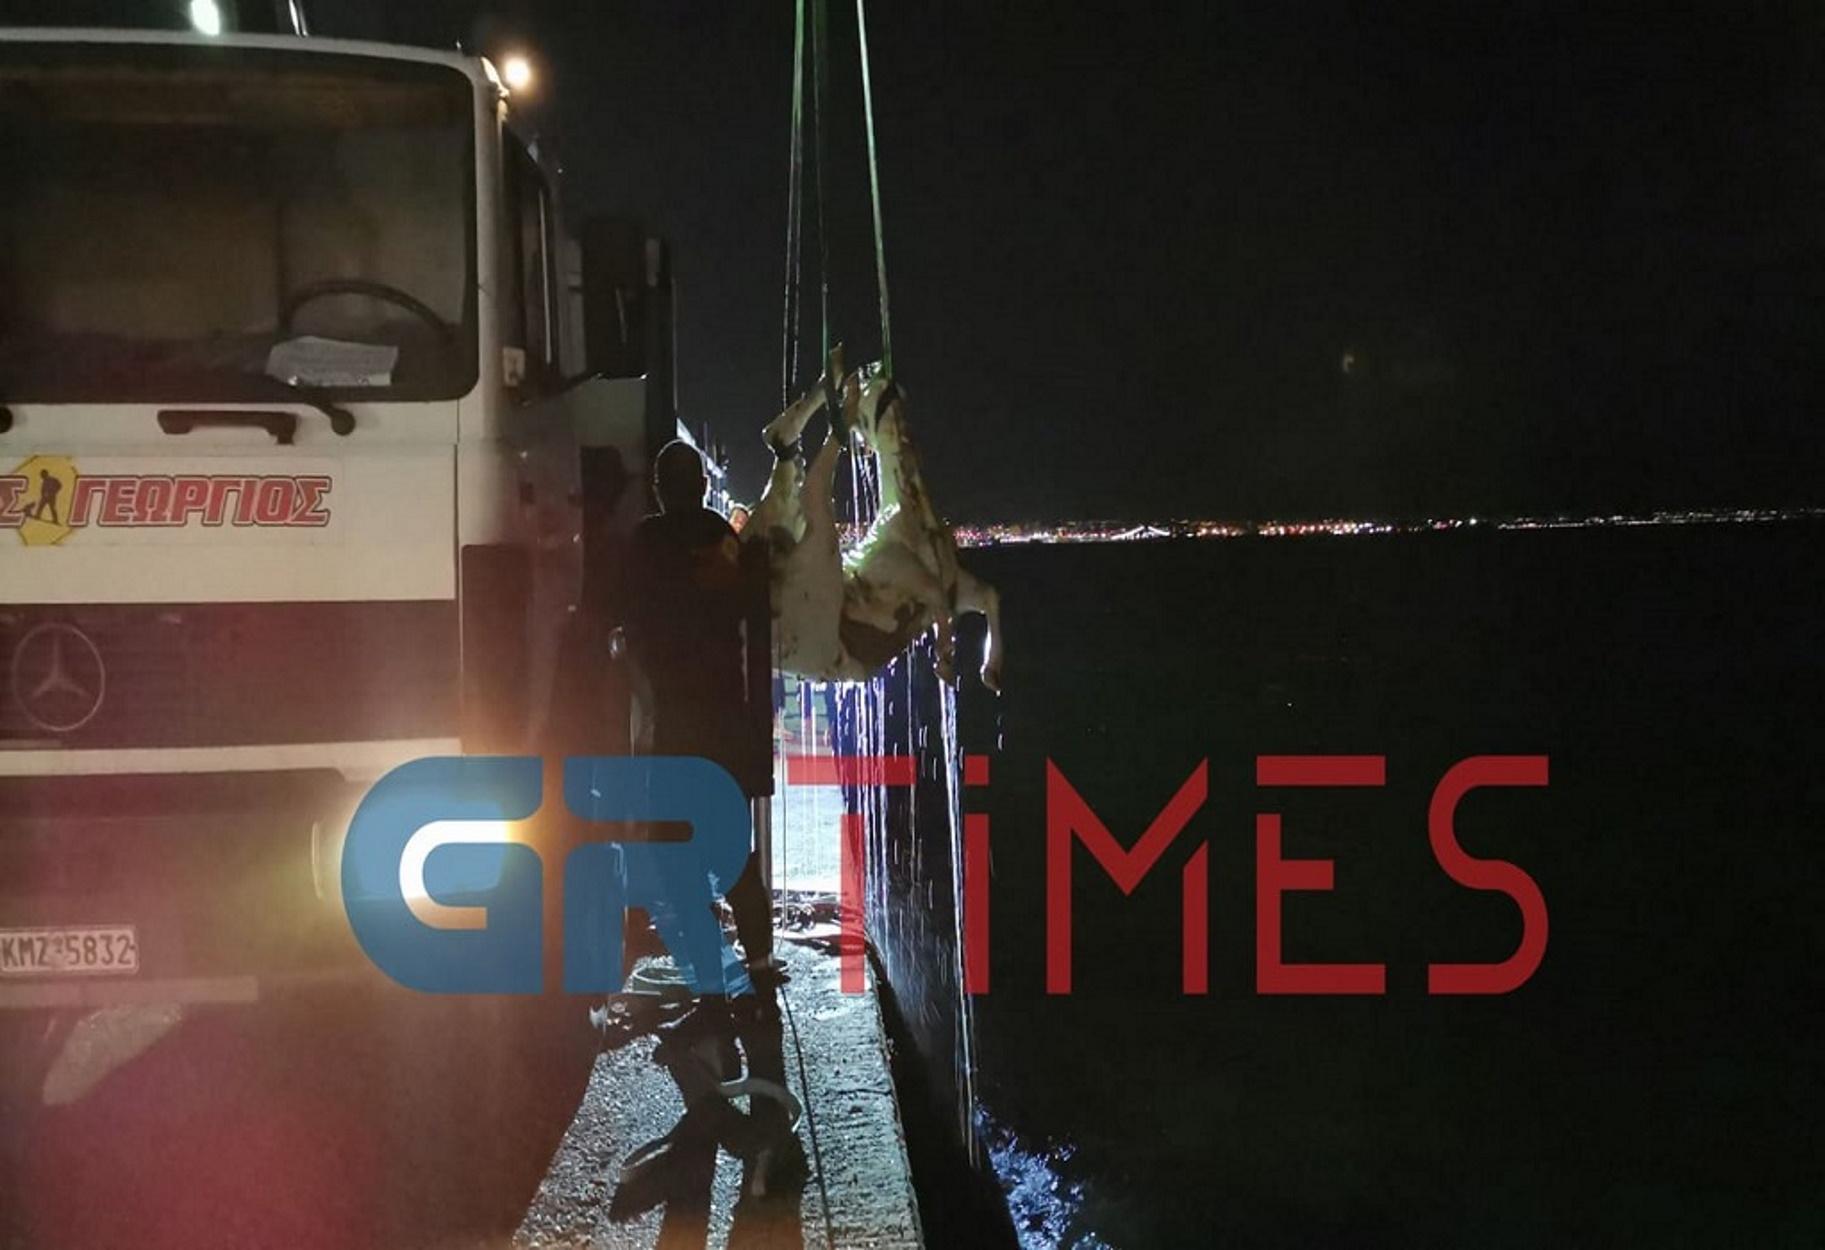 Θεσσαλονίκη: Το νεκρό άλογο ήταν τελικά αγελάδα! (pics, video)